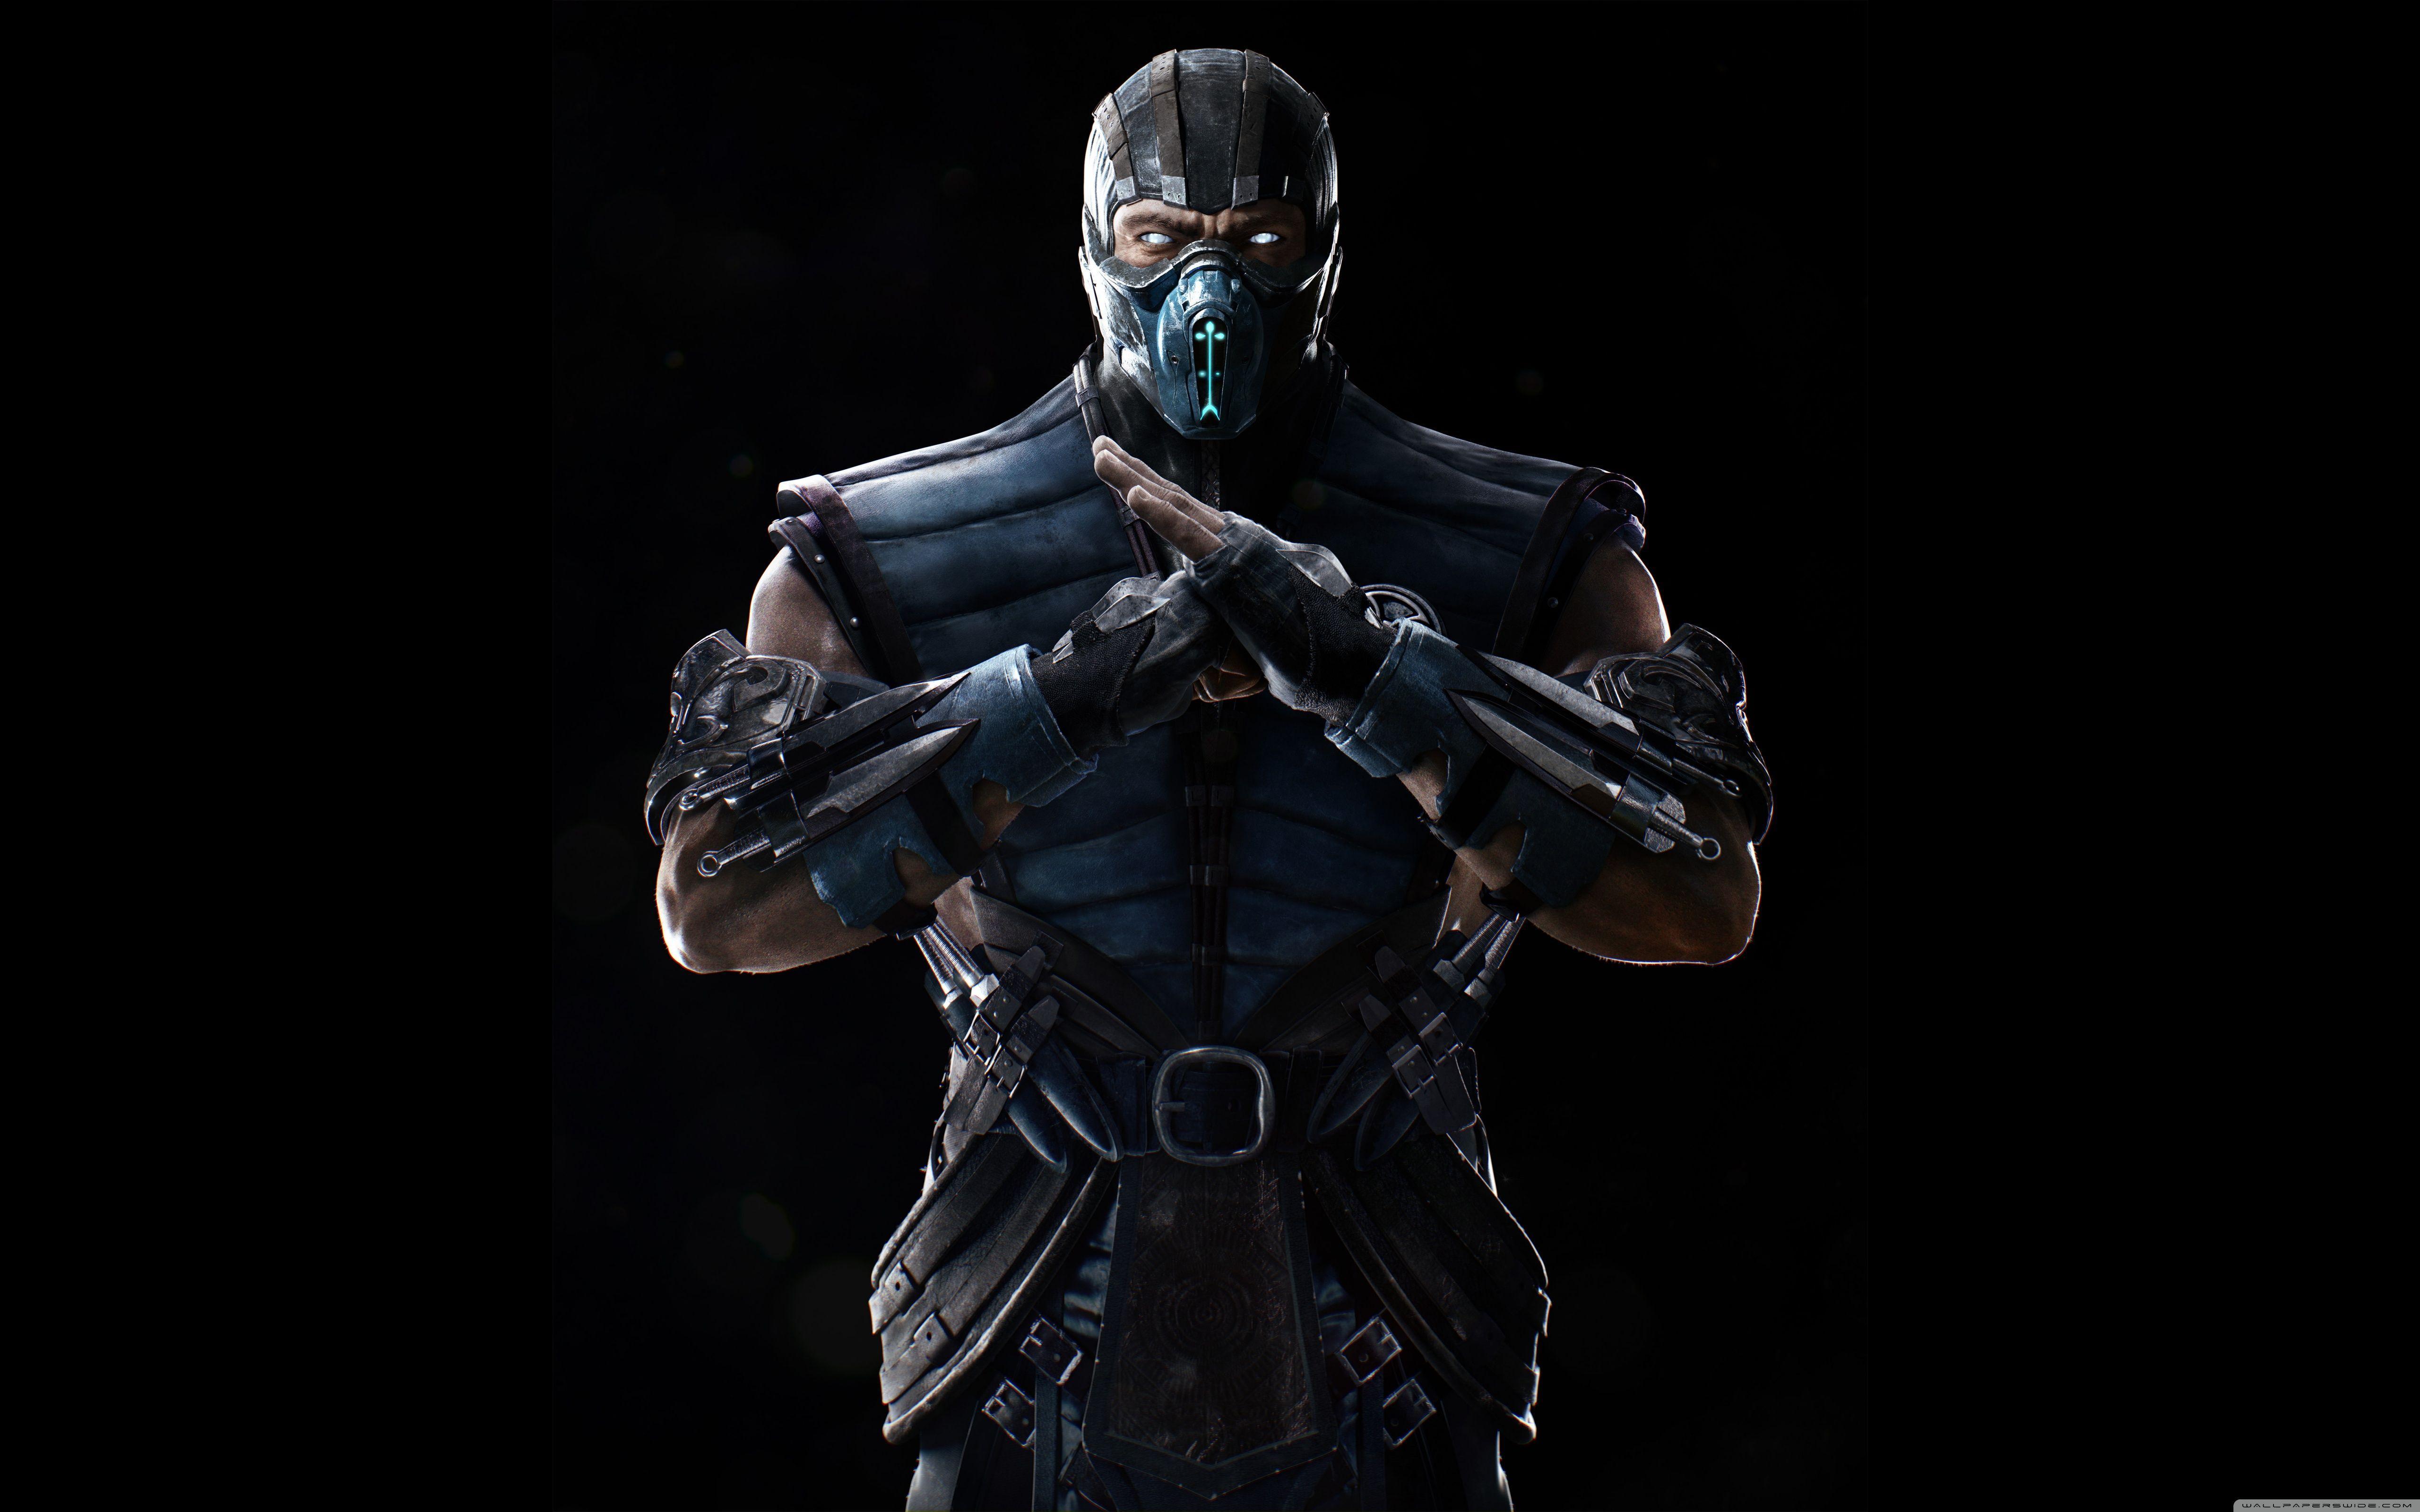 Mortal Kombat X Sub Zero Wallpapers Top Free Mortal Kombat X Sub